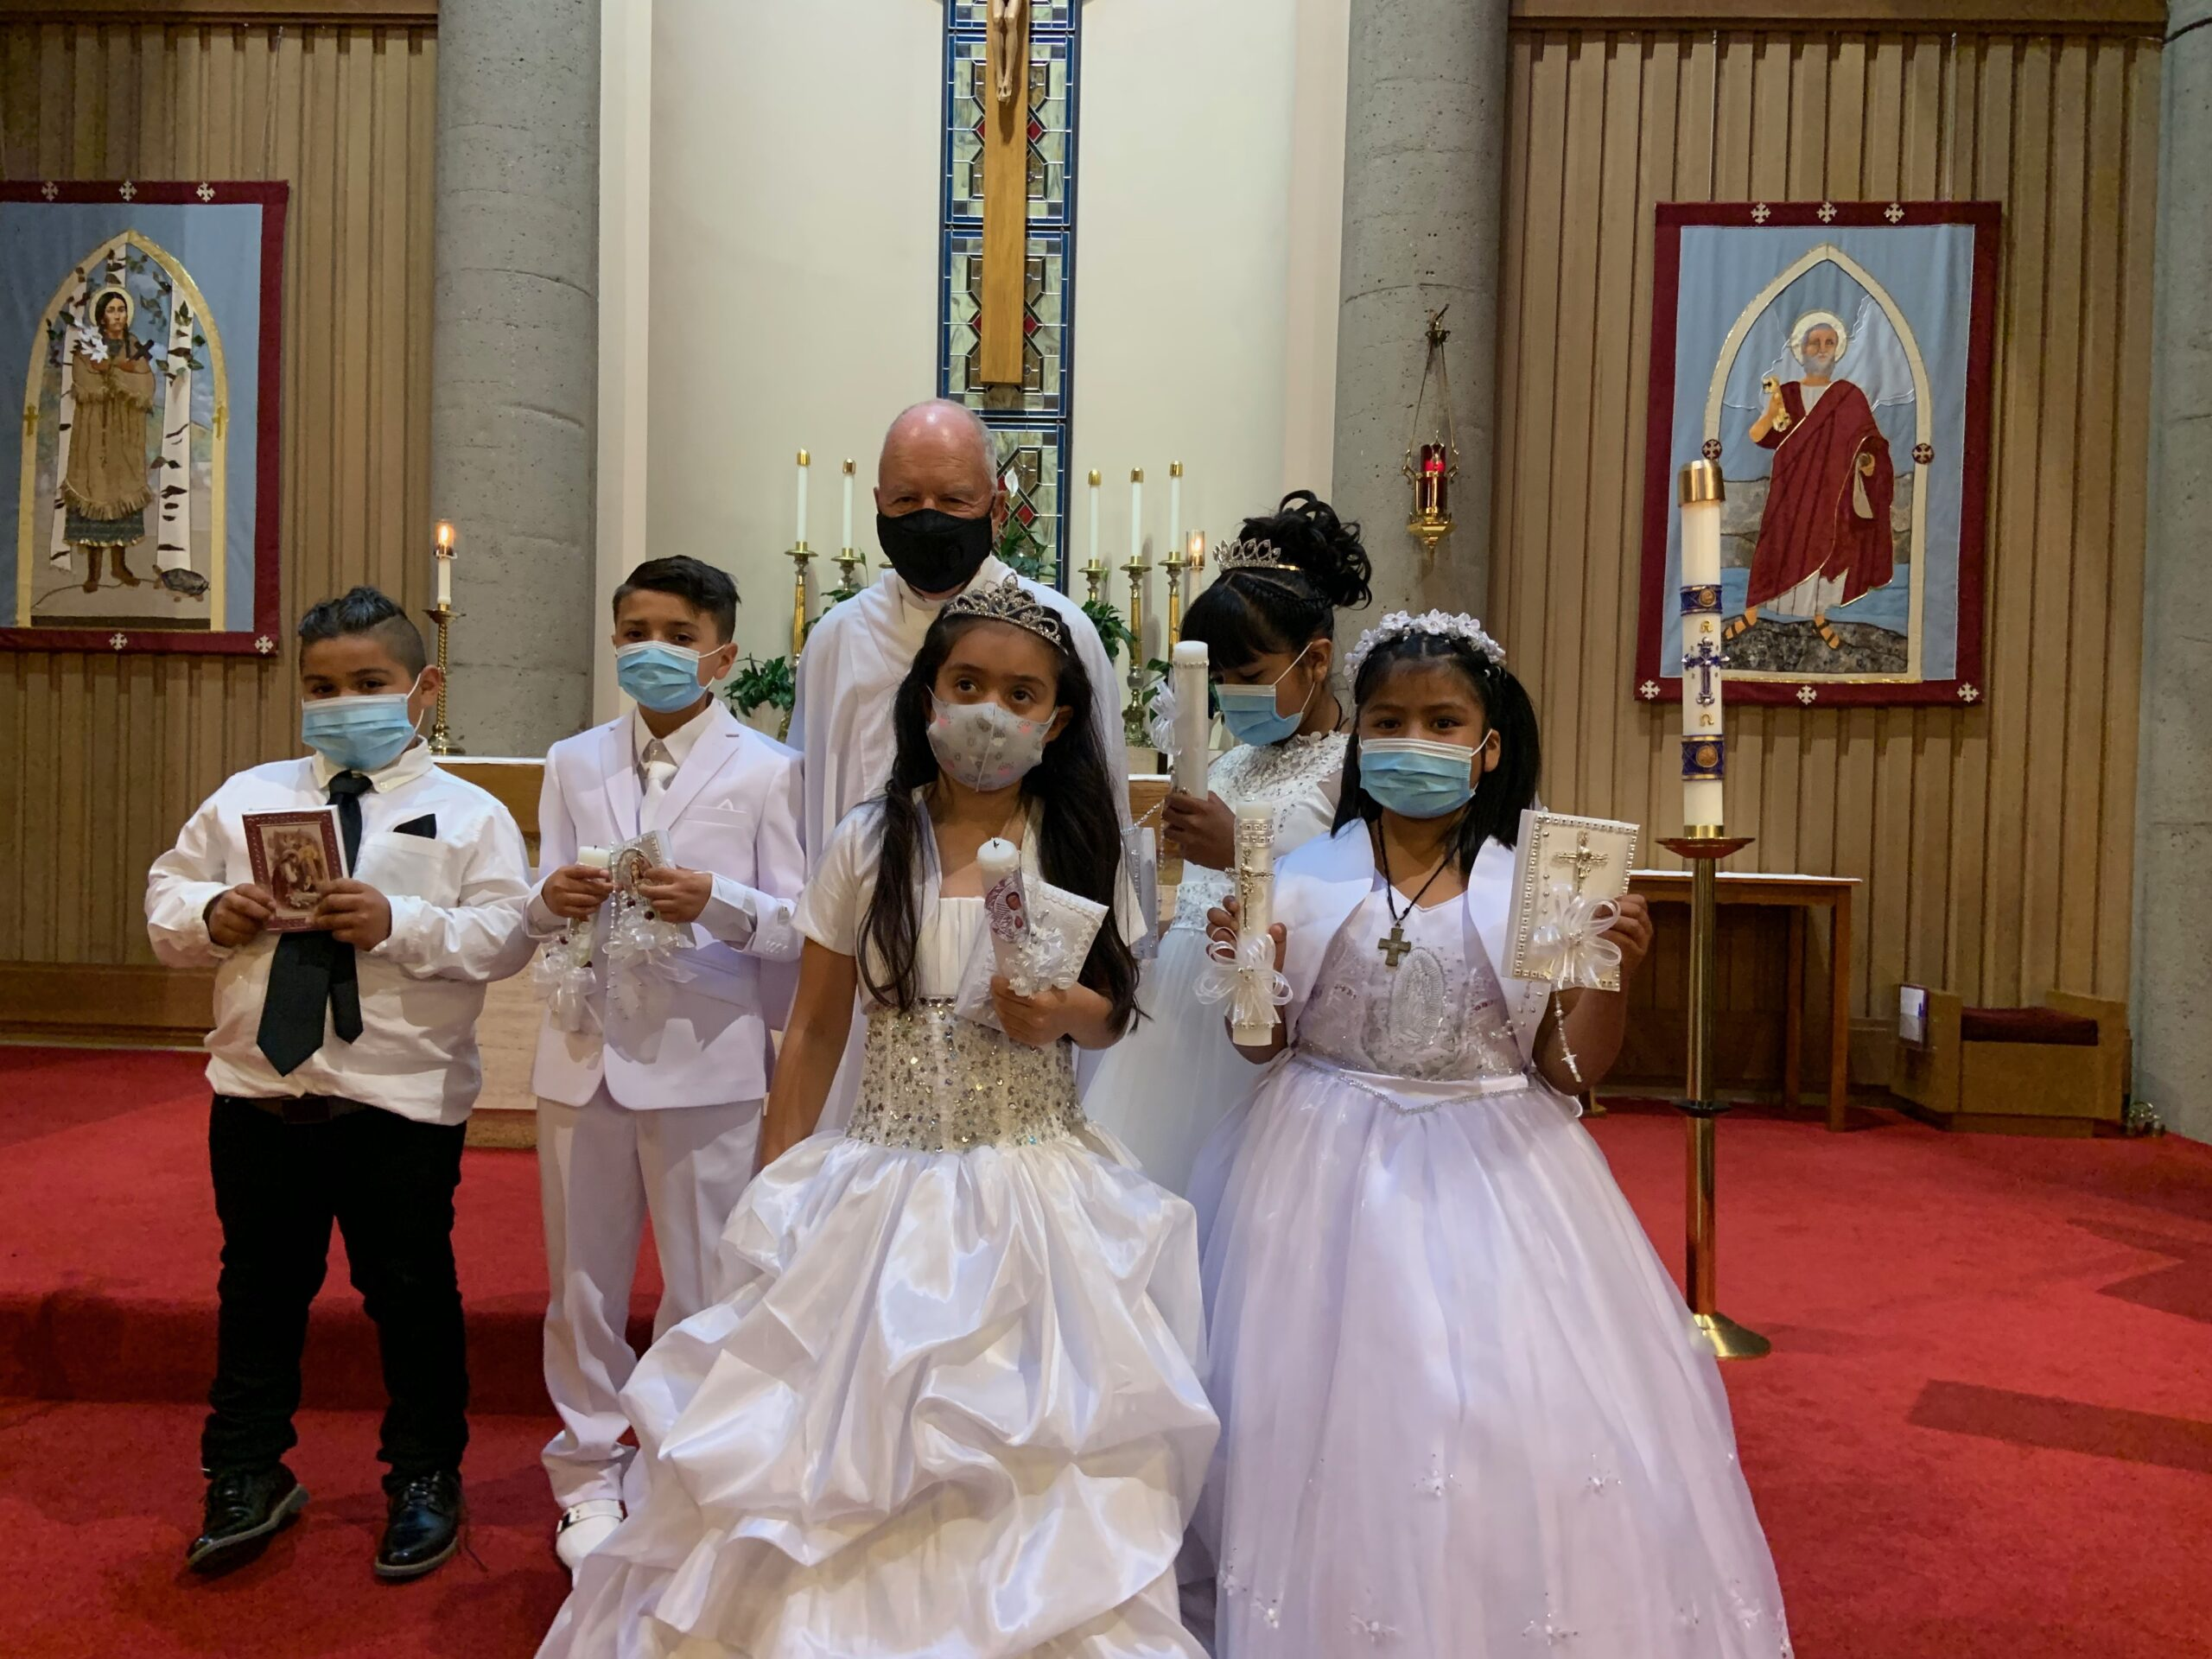 8. Lent: Evangelization after COVID - Evangelización tras COVID